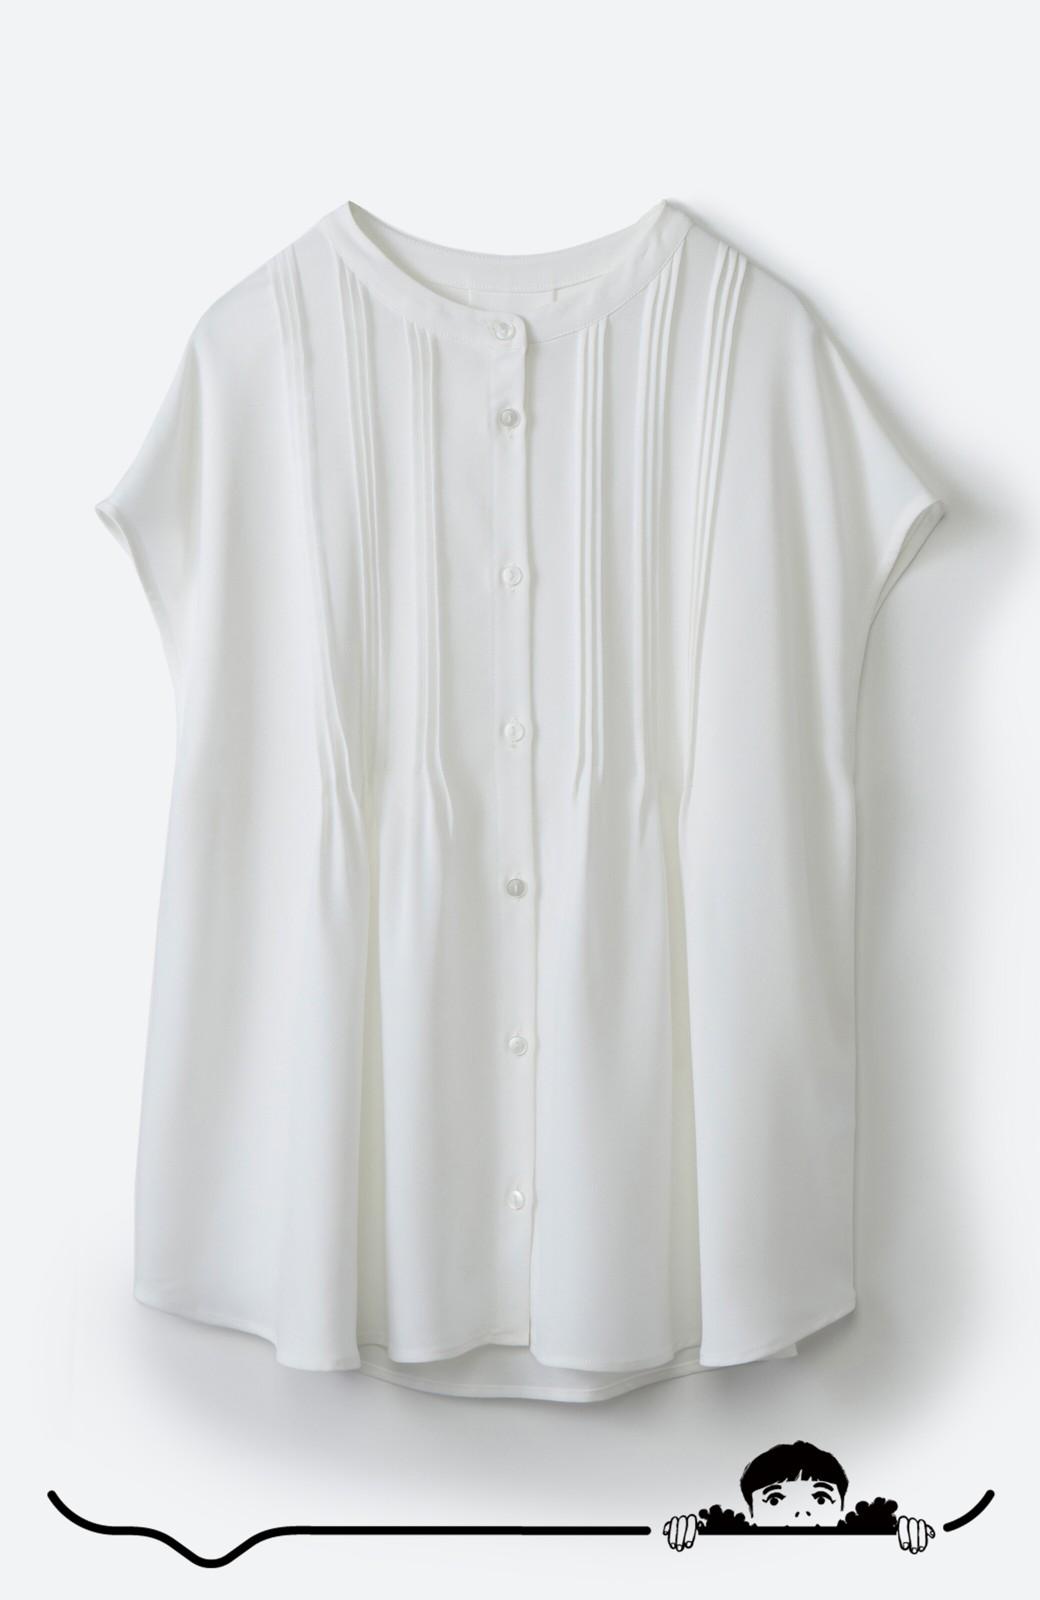 haco! Tシャツの代わりにこれを着といたら女っぽく上品になれる!ほんのり透け感が今っぽいピンタックブラウスby who made me <オフホワイト>の商品写真10